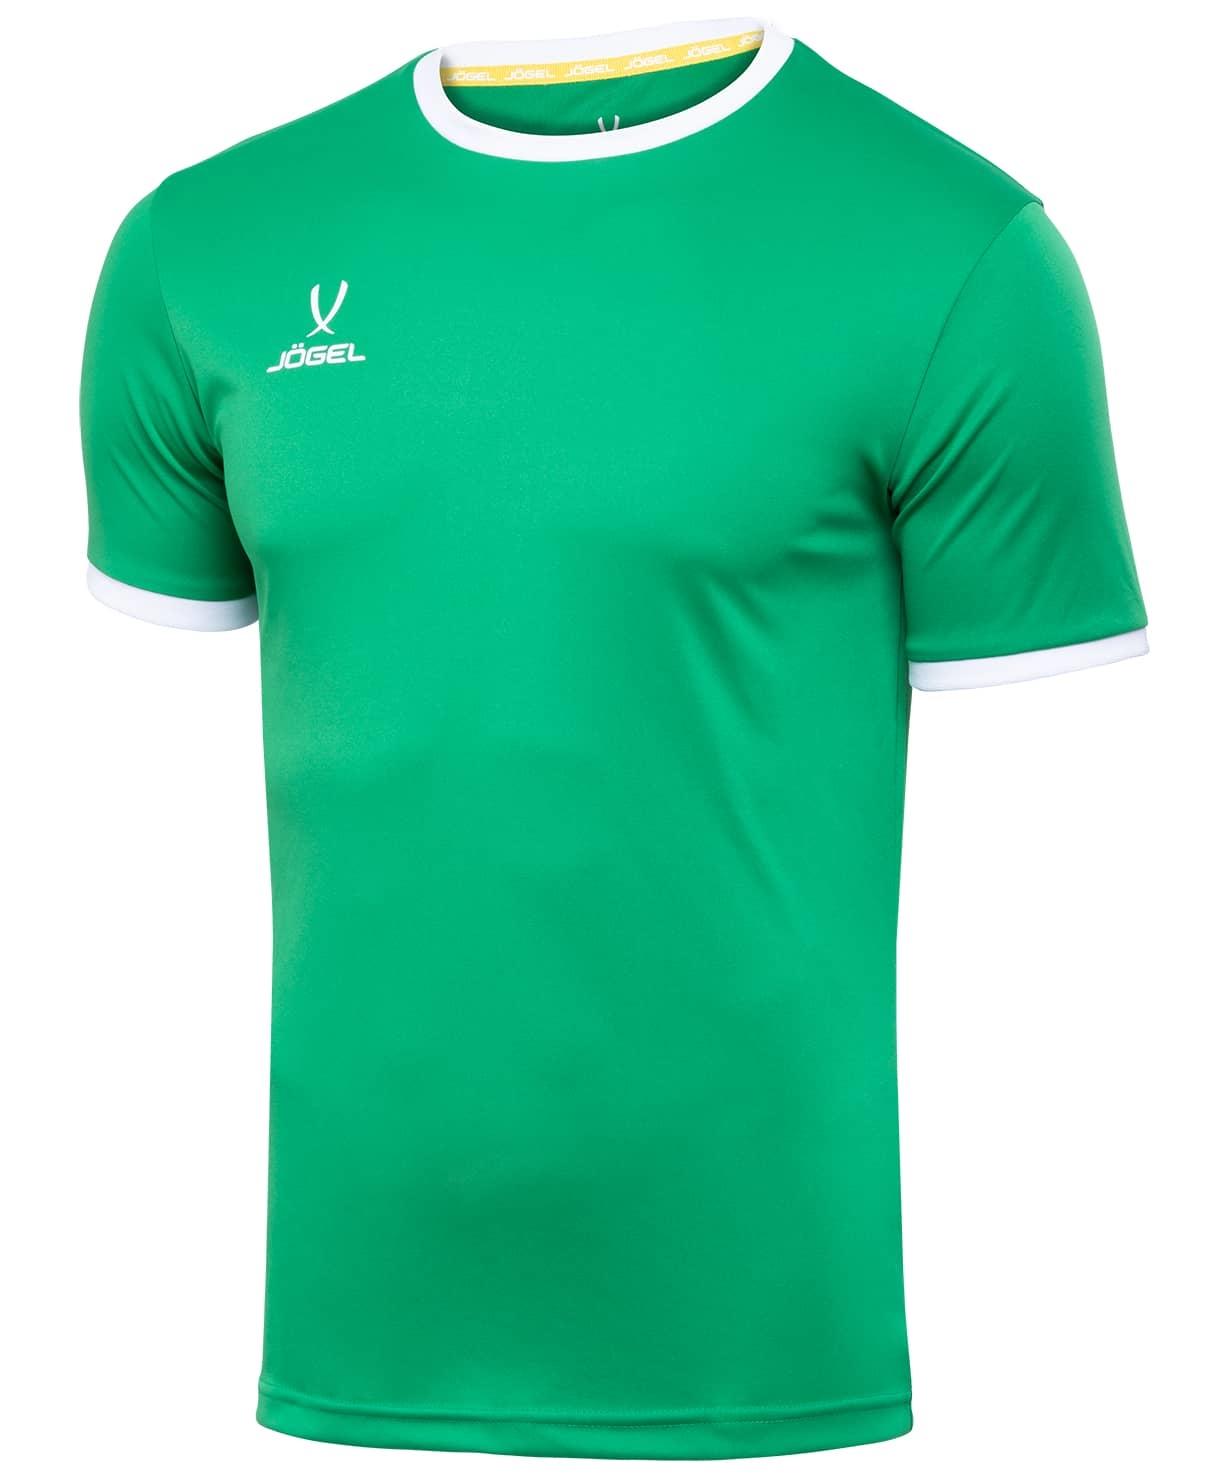 Футболка футбольная CAMP Origin JFT-1020-031, зеленый/белый